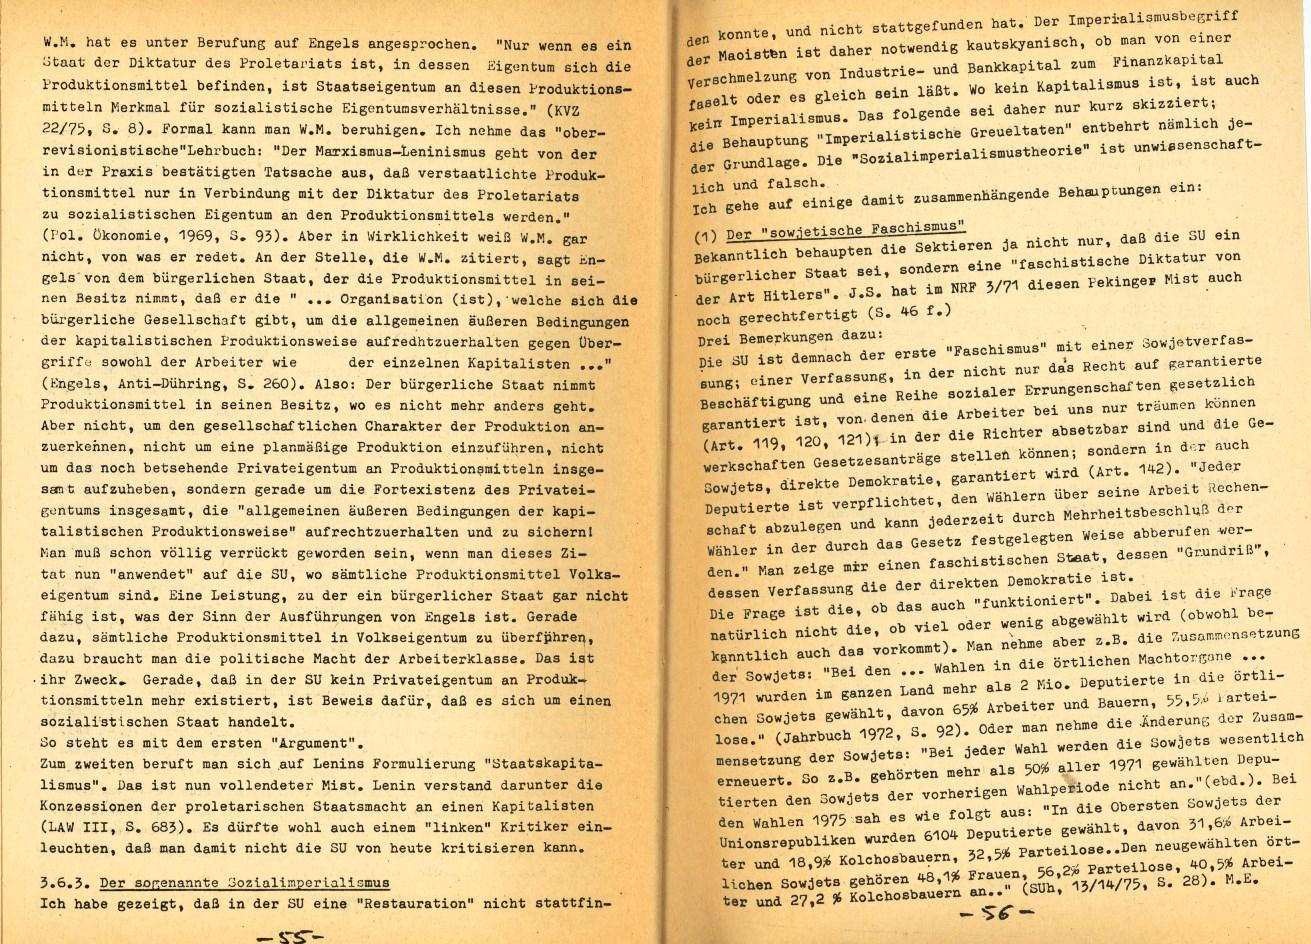 Giessen_MSB_1976_Der_KBW_eine_rechte_Organisation_30